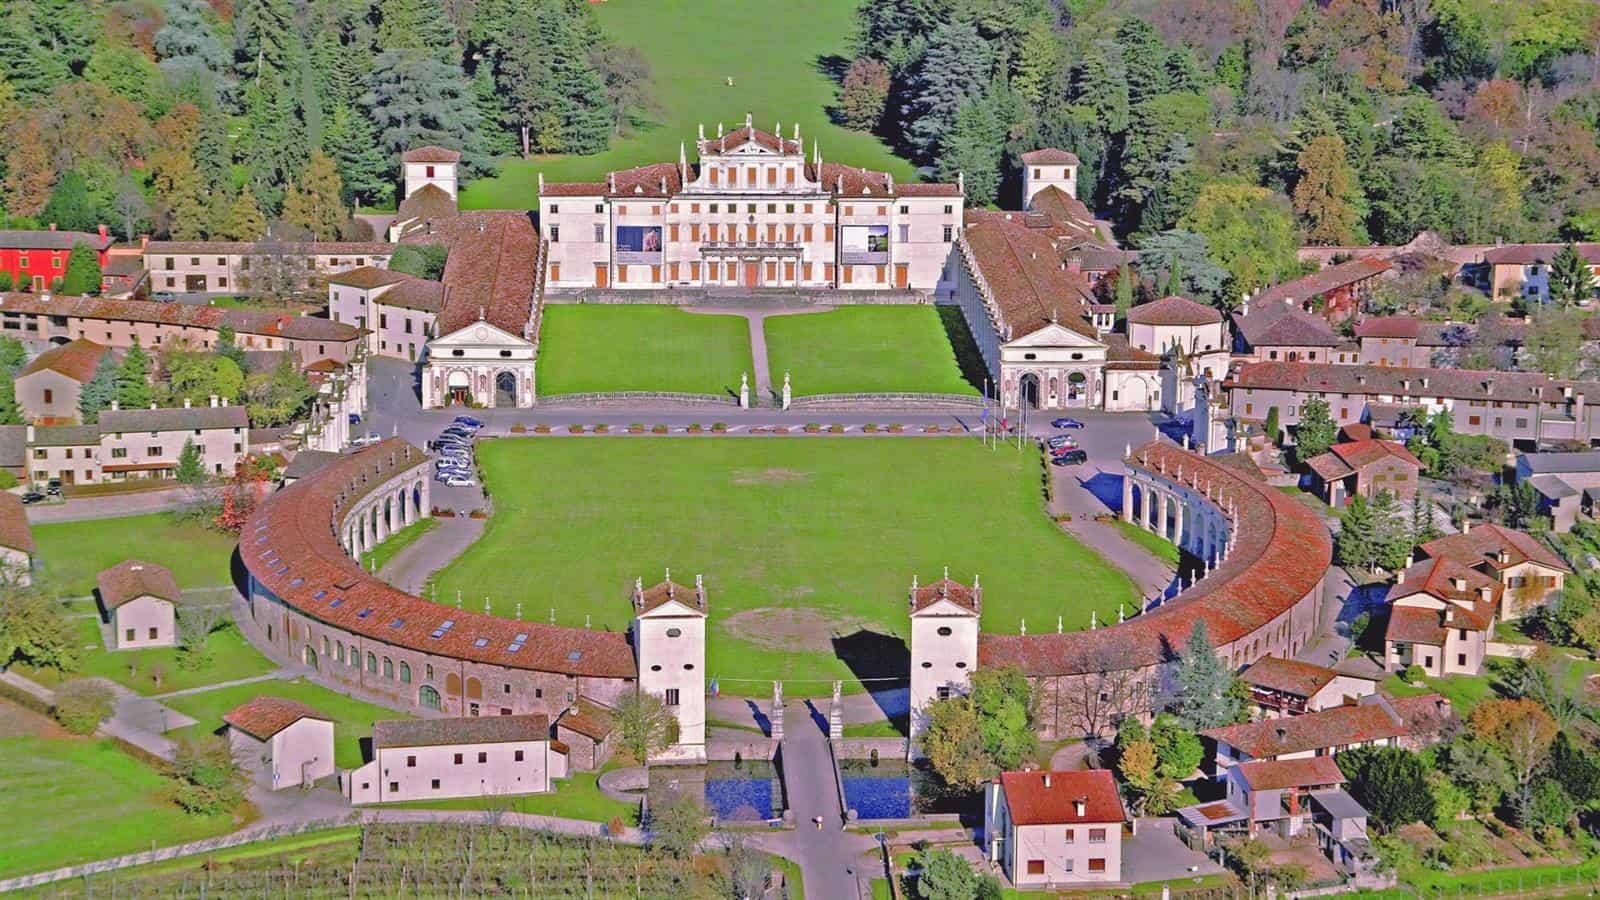 Villa Manin in Passariano di Codroipo